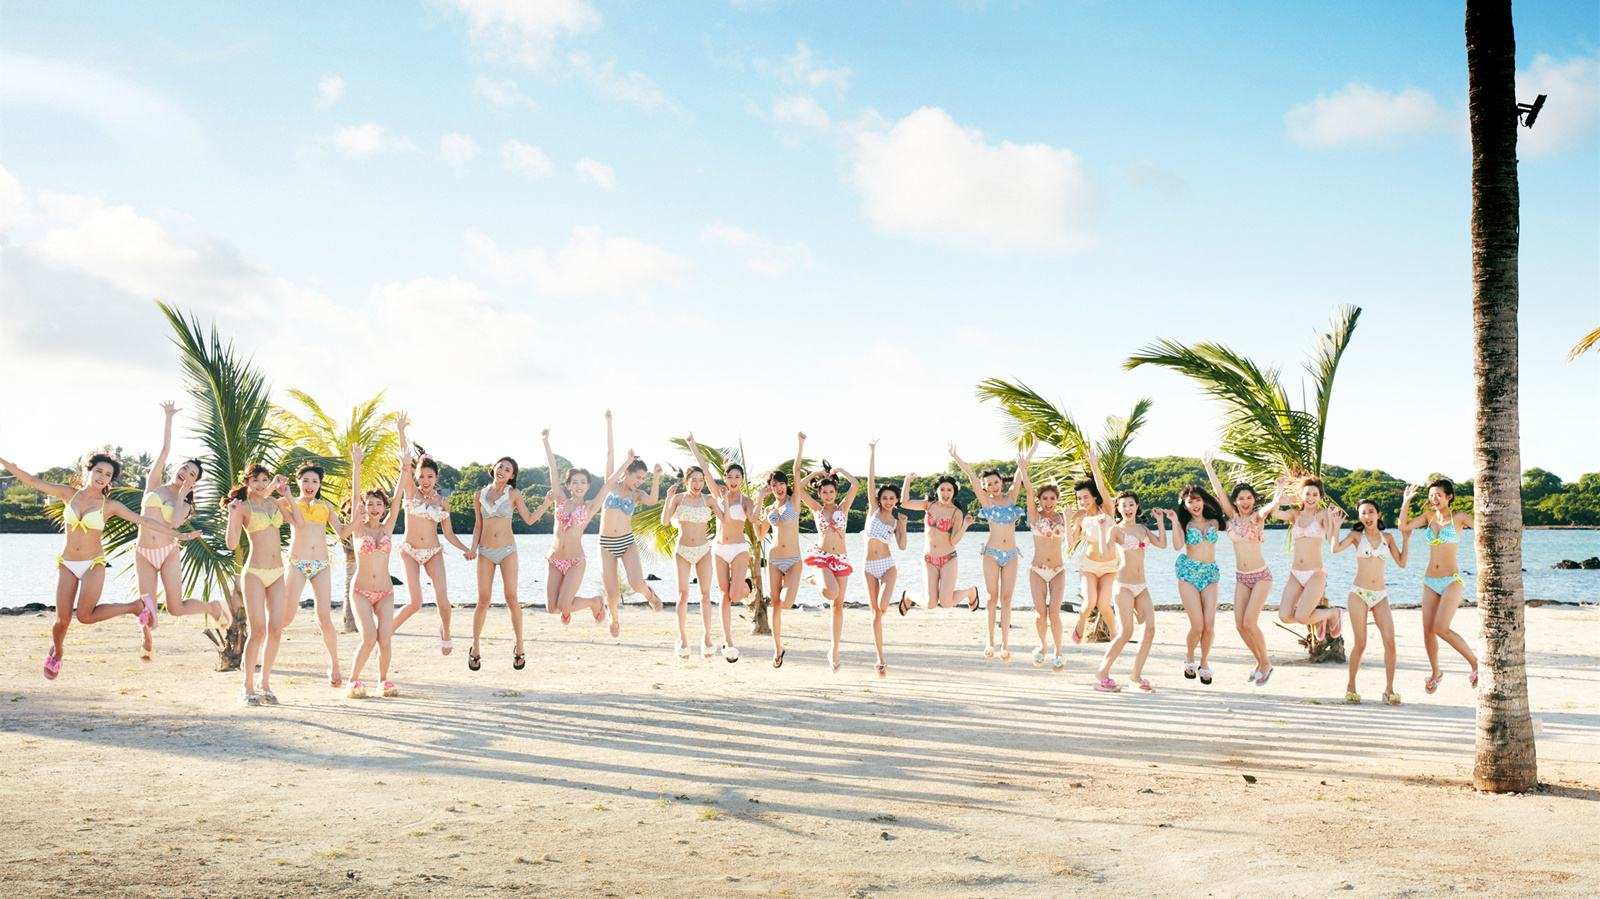 上戏表演专业排名公布 SNH48孙珍妮第5灵超第39